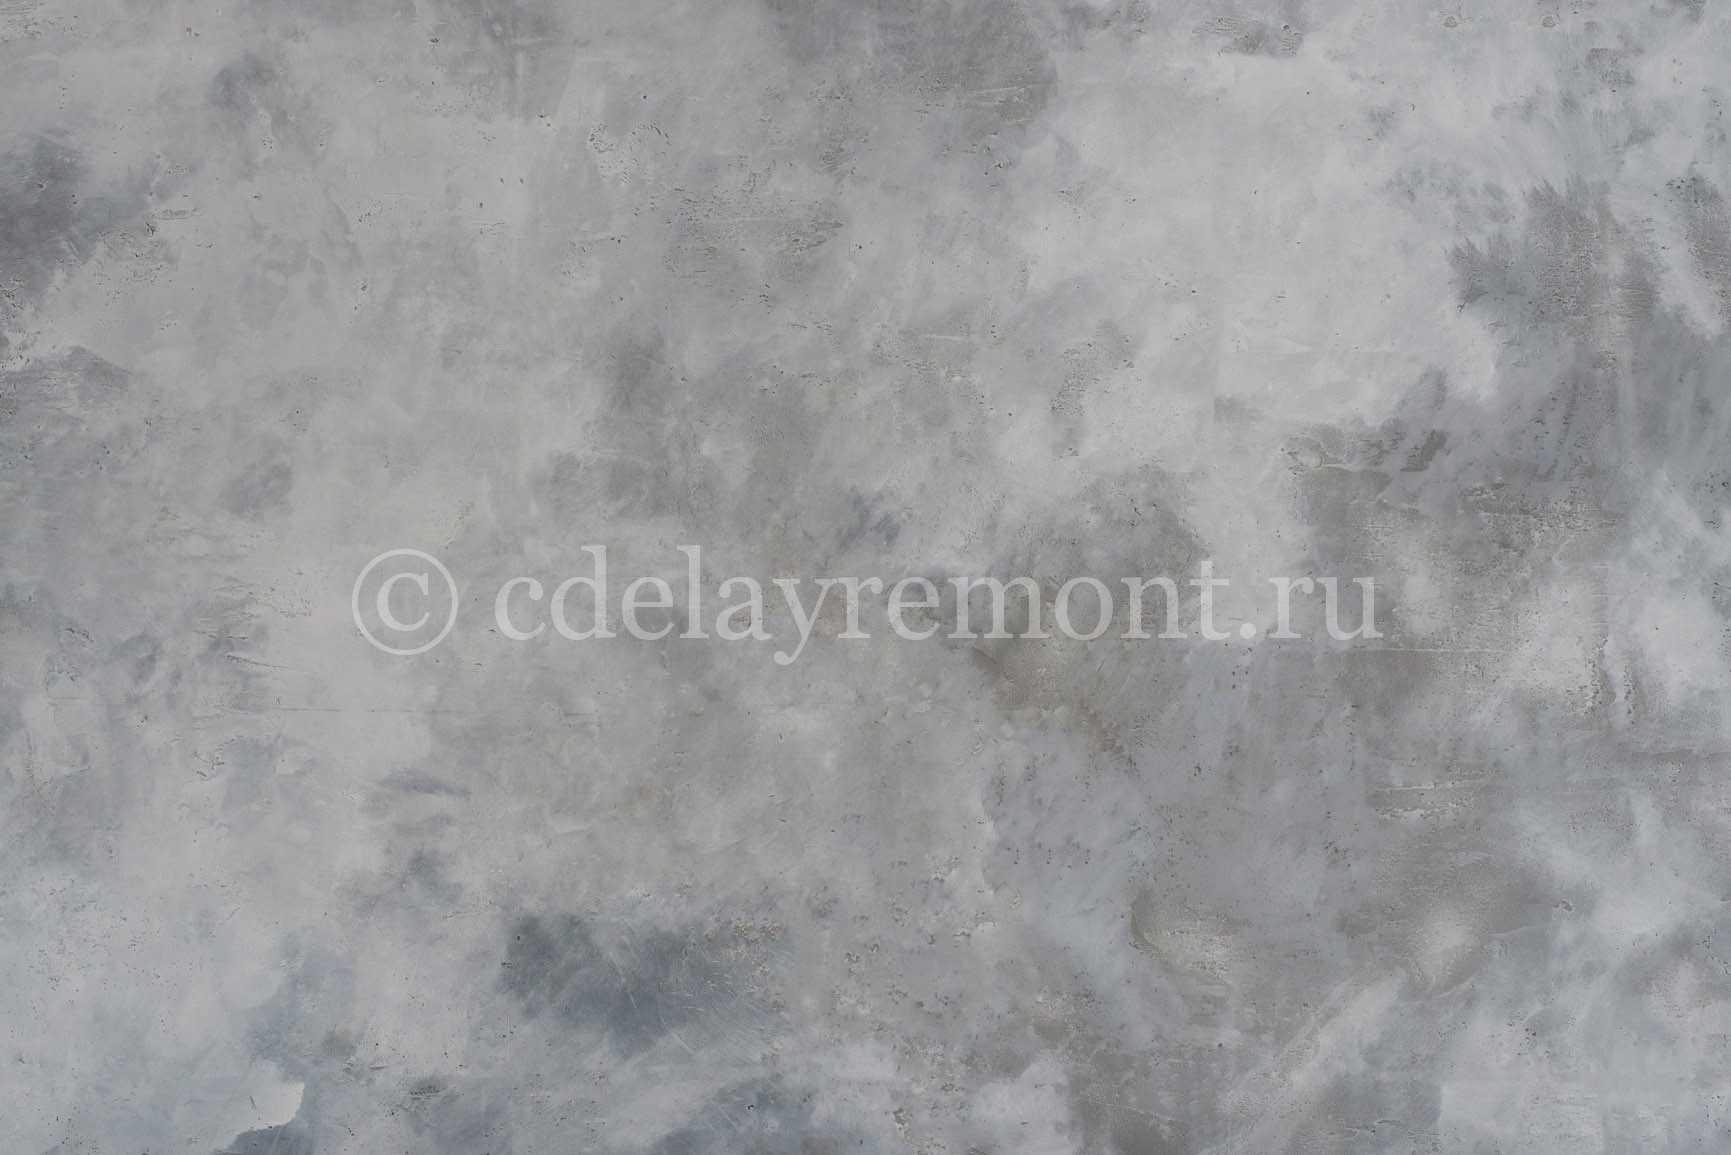 Декорирование стен под бетон